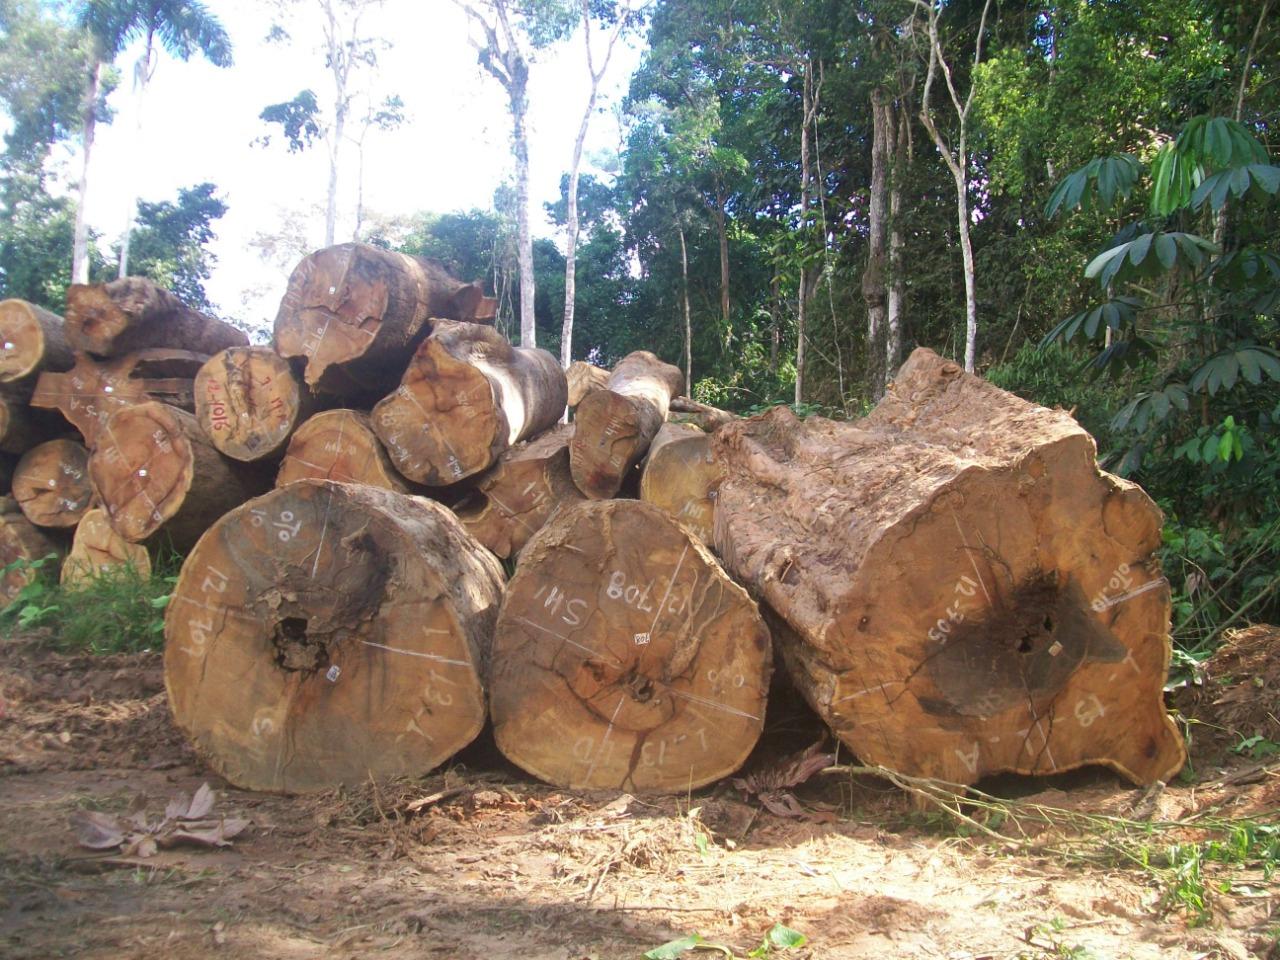 WhatsApp Image 2021 10 08 at 17.14.26 1 - Área com exploração madeireira não autorizada no Amazonas chegou a pelo menos 18 mil campos de futebol em apenas um ano